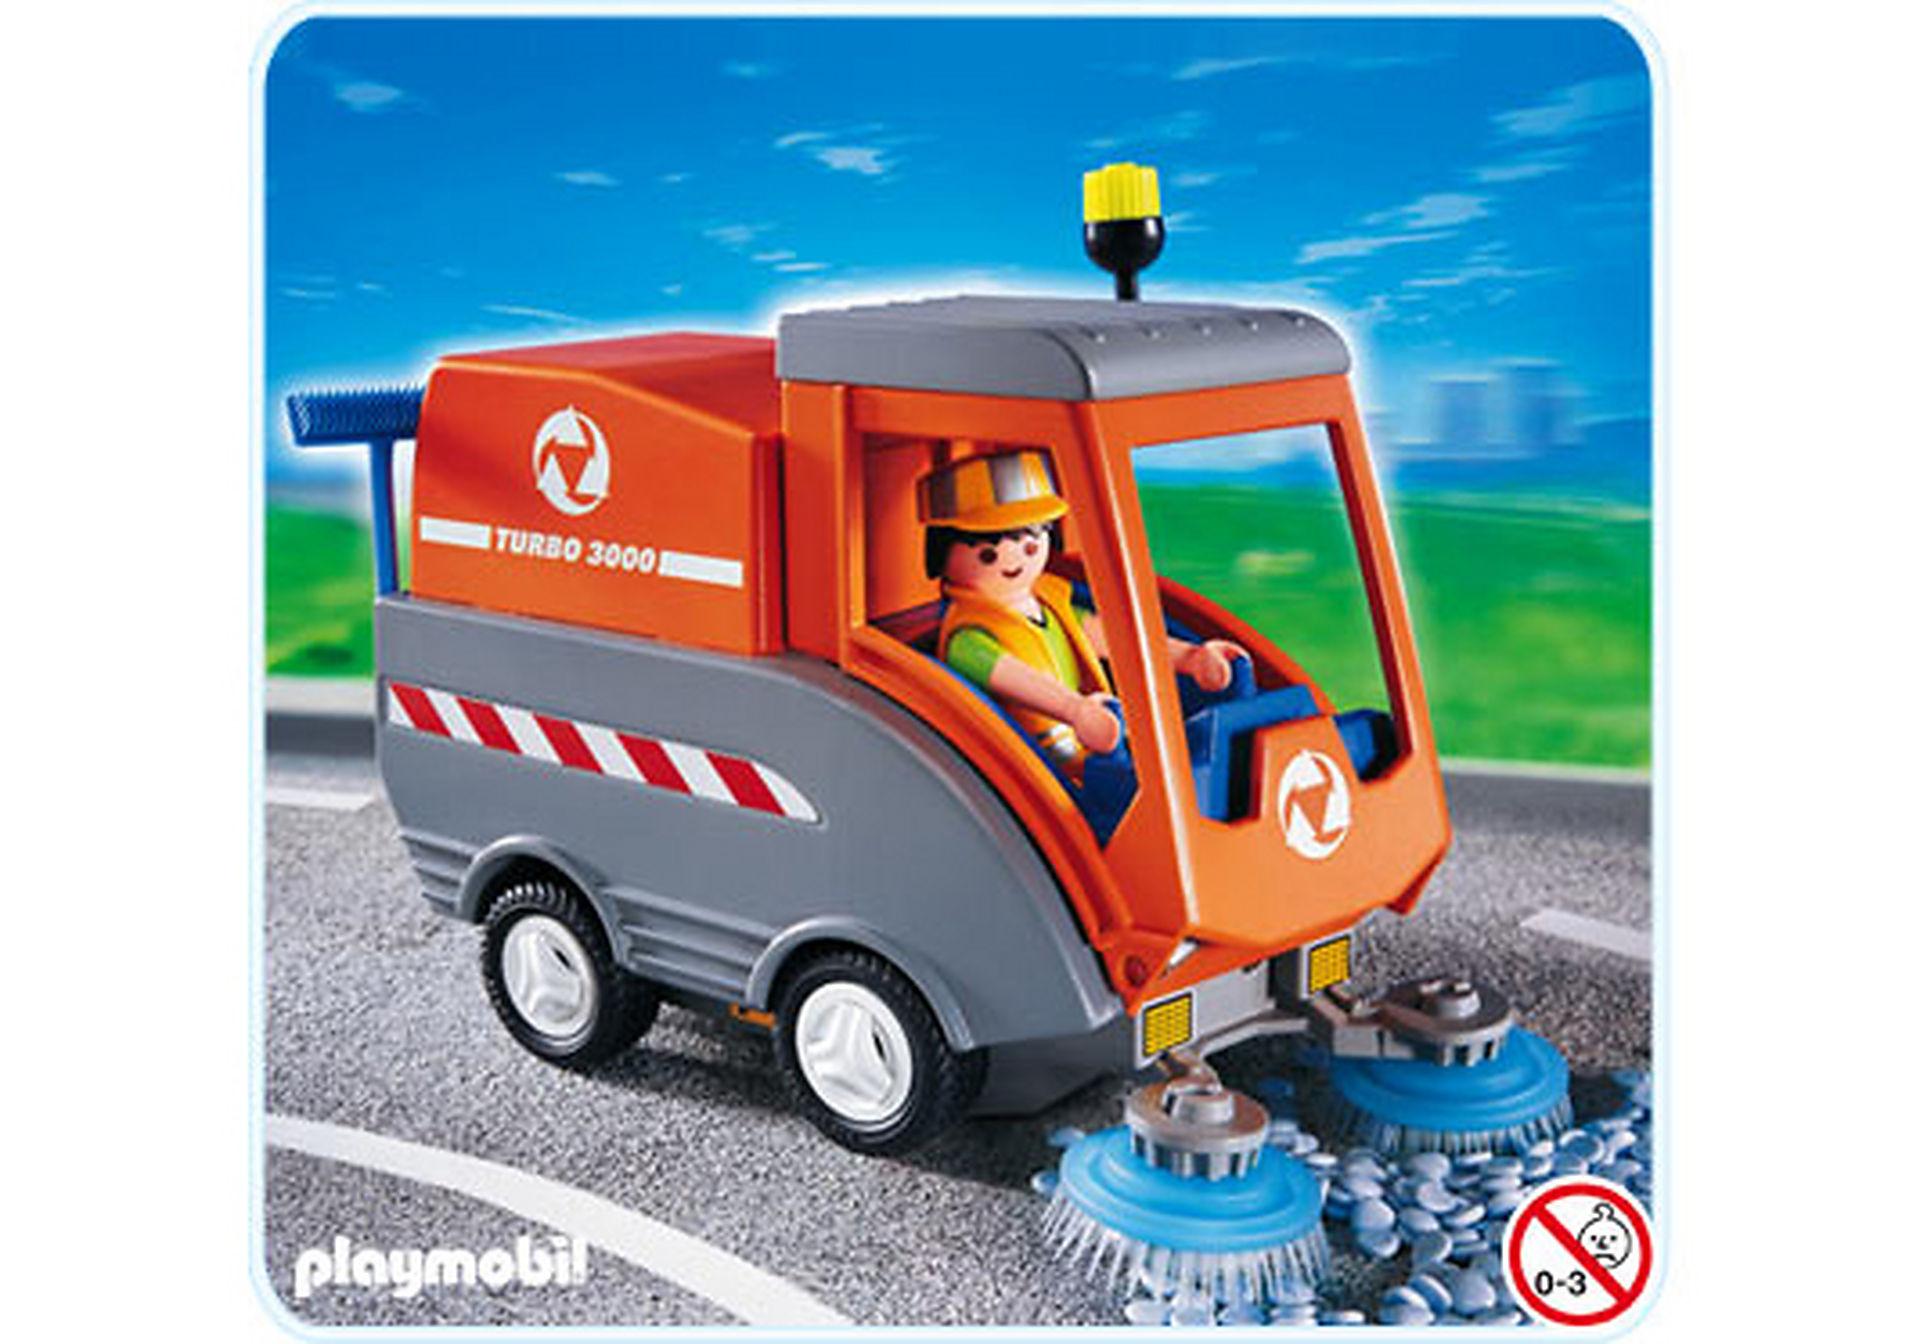 http://media.playmobil.com/i/playmobil/4045-A_product_detail/Agent avec balayeuse aspiratrice